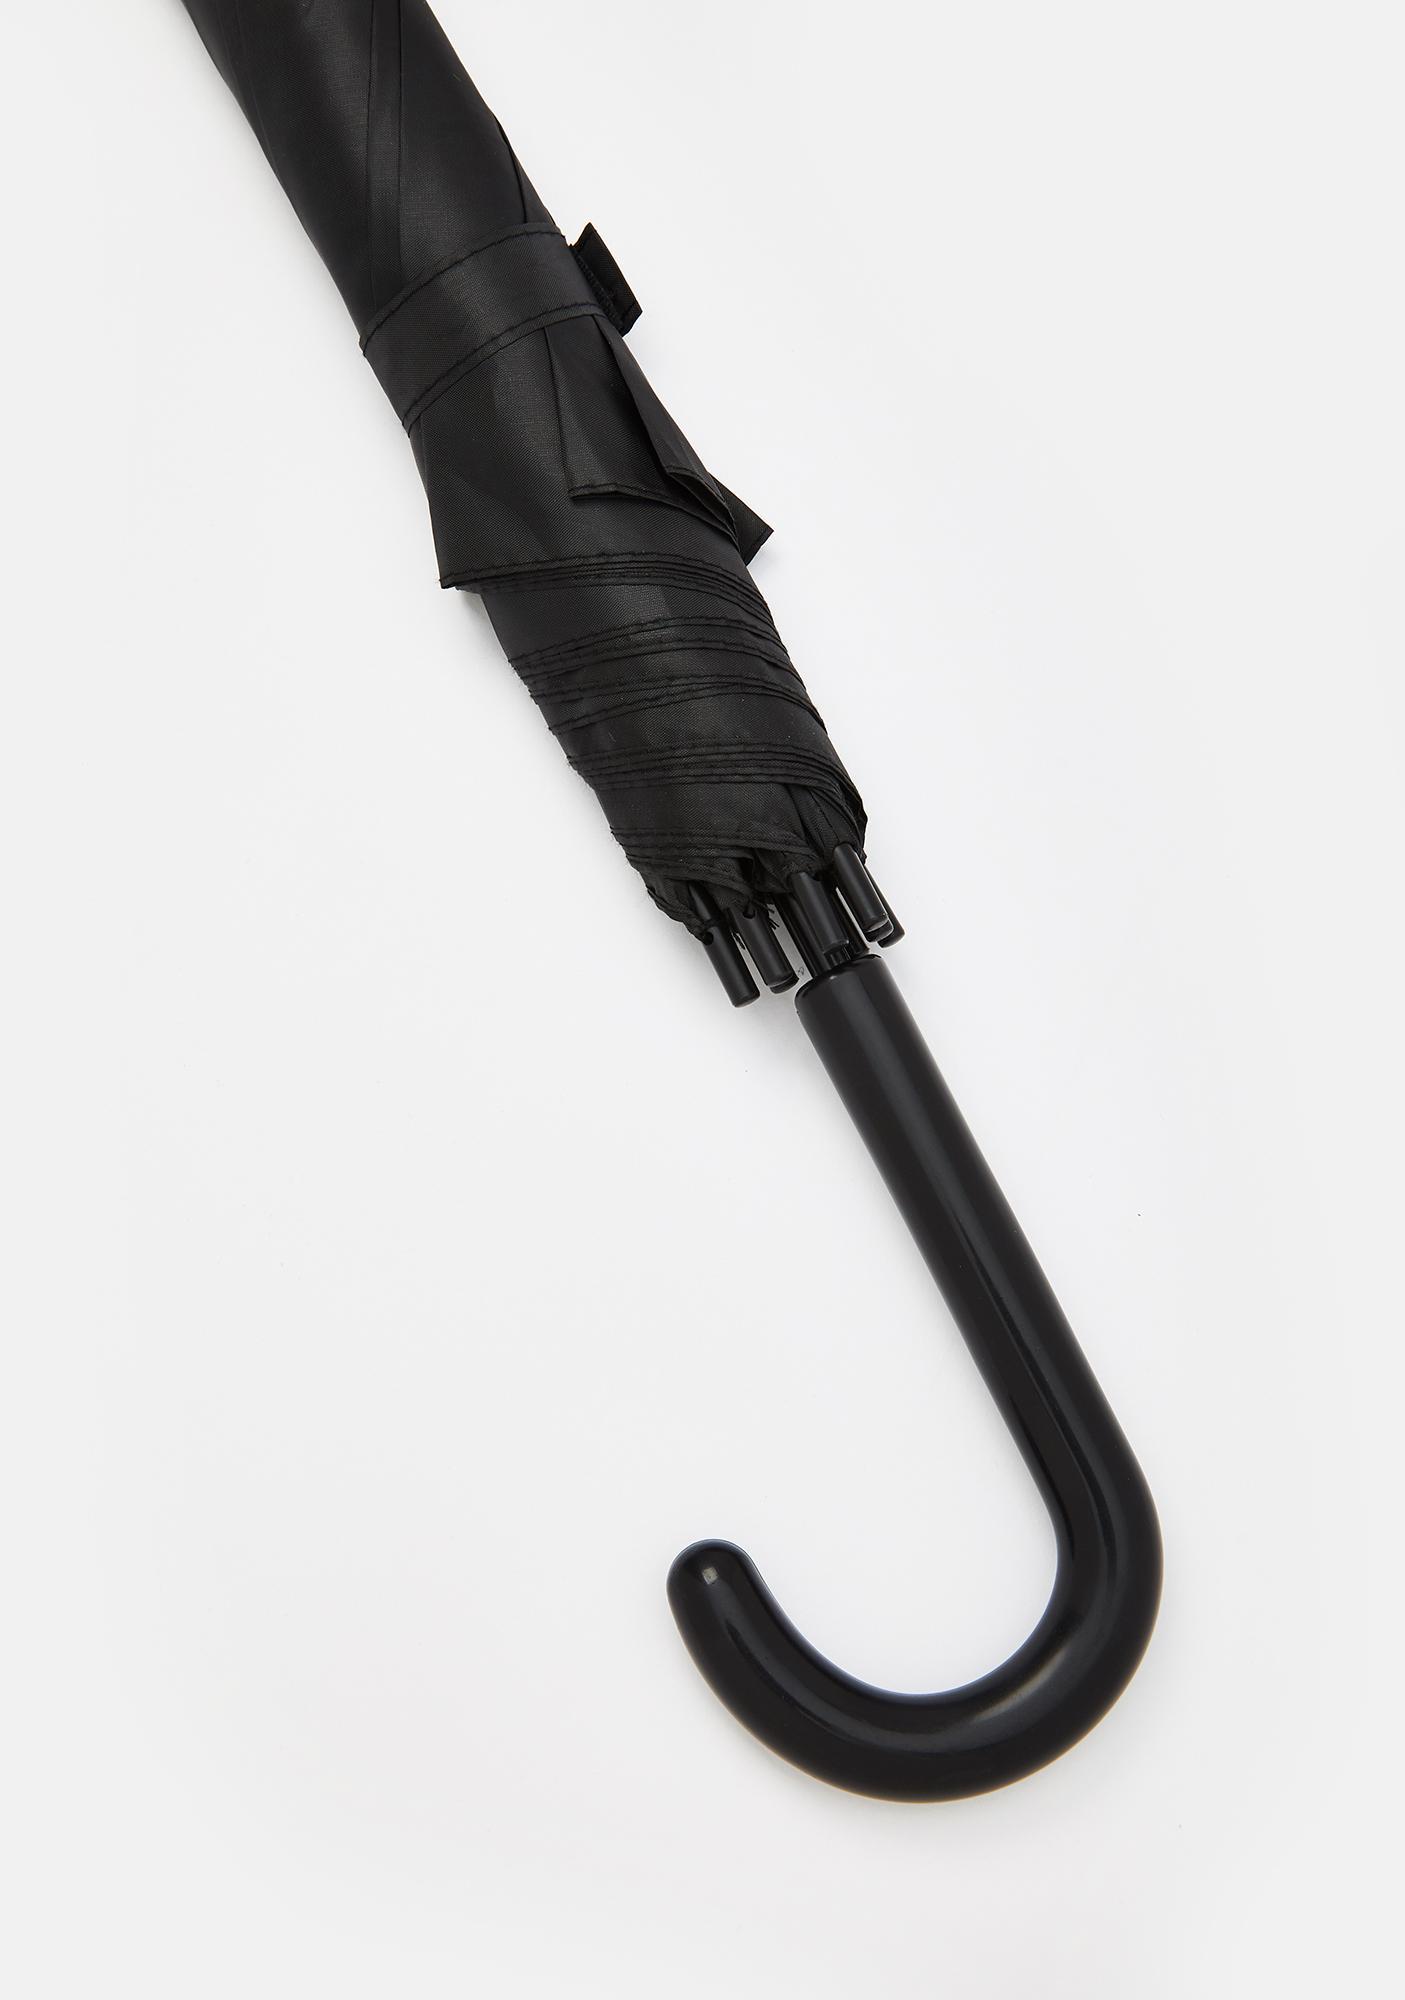 Purrfect Storm Cat Umbrella